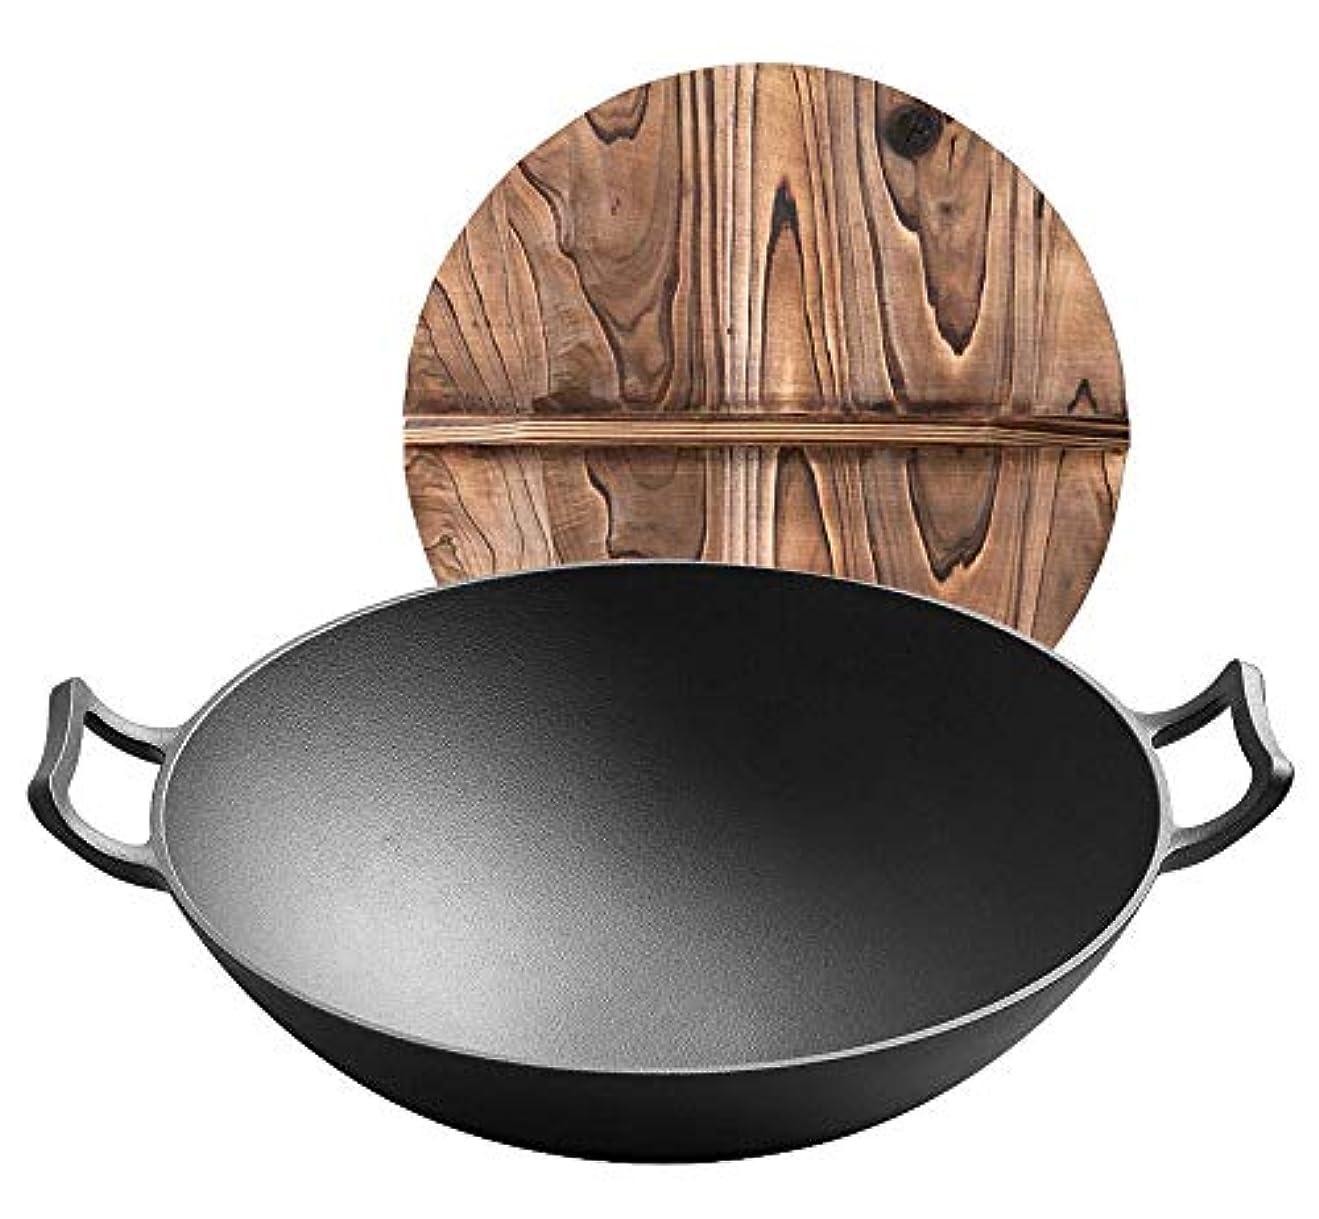 形式うがい囲む鋳鉄鍋中華なべノンスティックノンスティック家庭用鉄厚36センチ丸底鉄ストーブガスストーブ